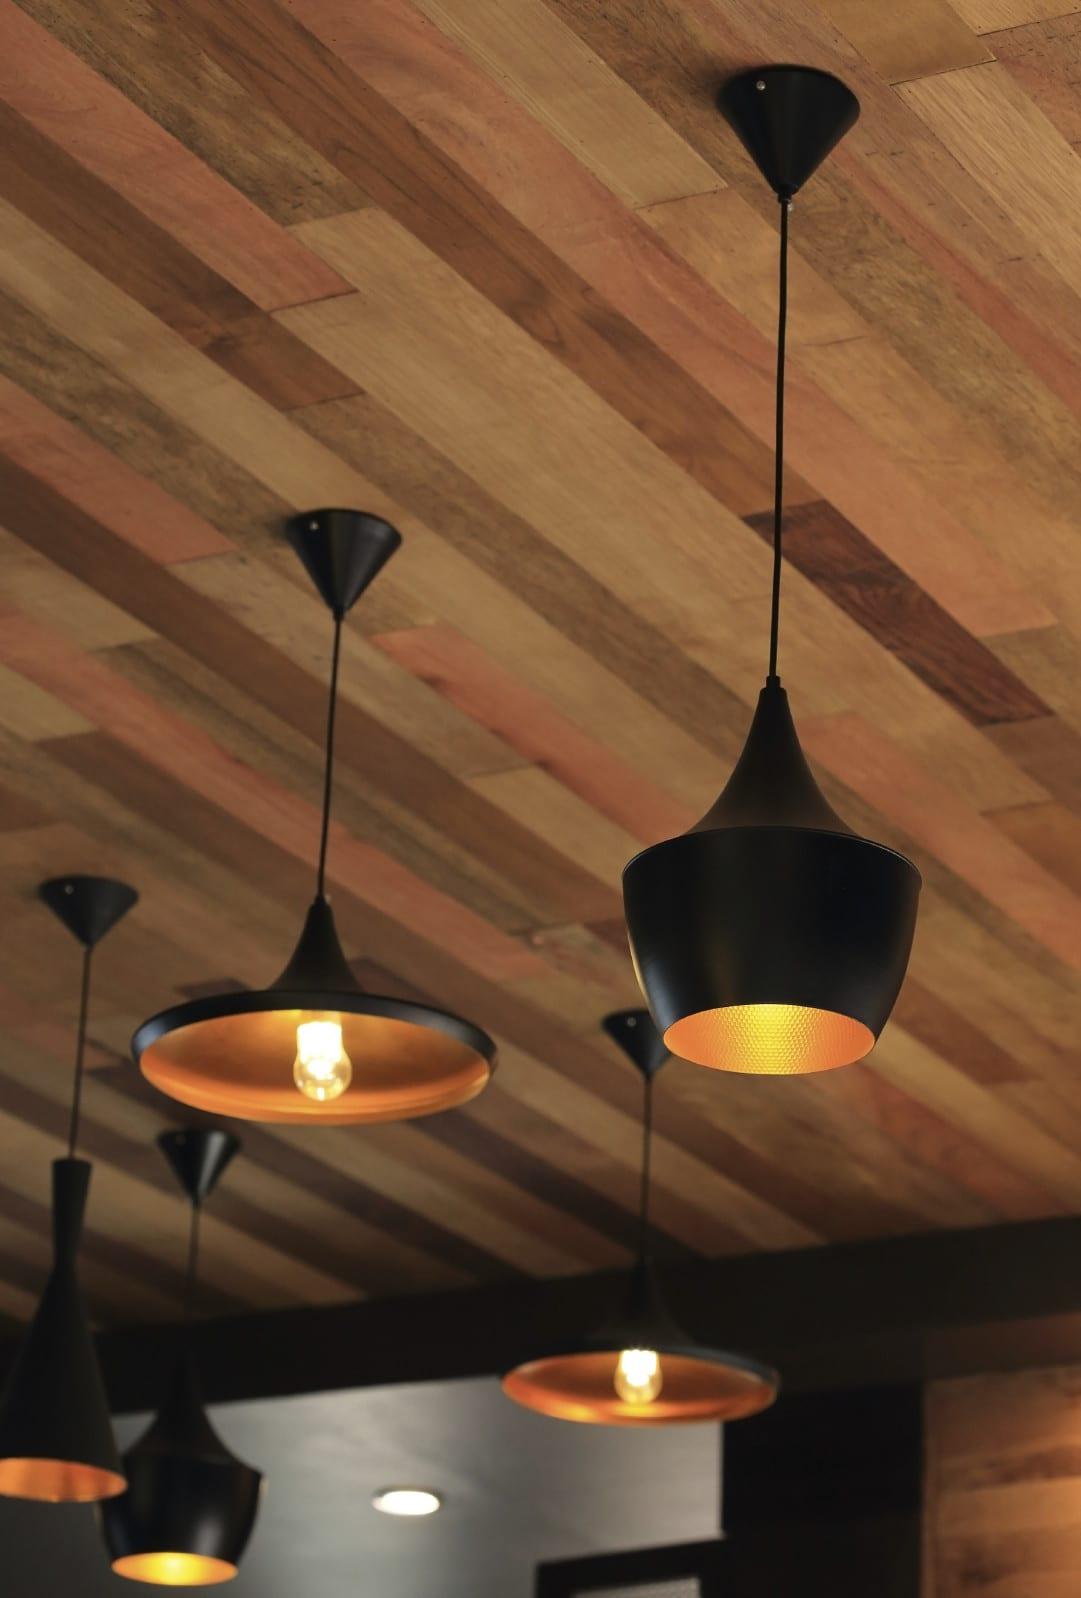 wohnzimmer ideen für beleichtung wohnzimmer mit modernen pendellampen schwarz und deckengestaltung mit holz